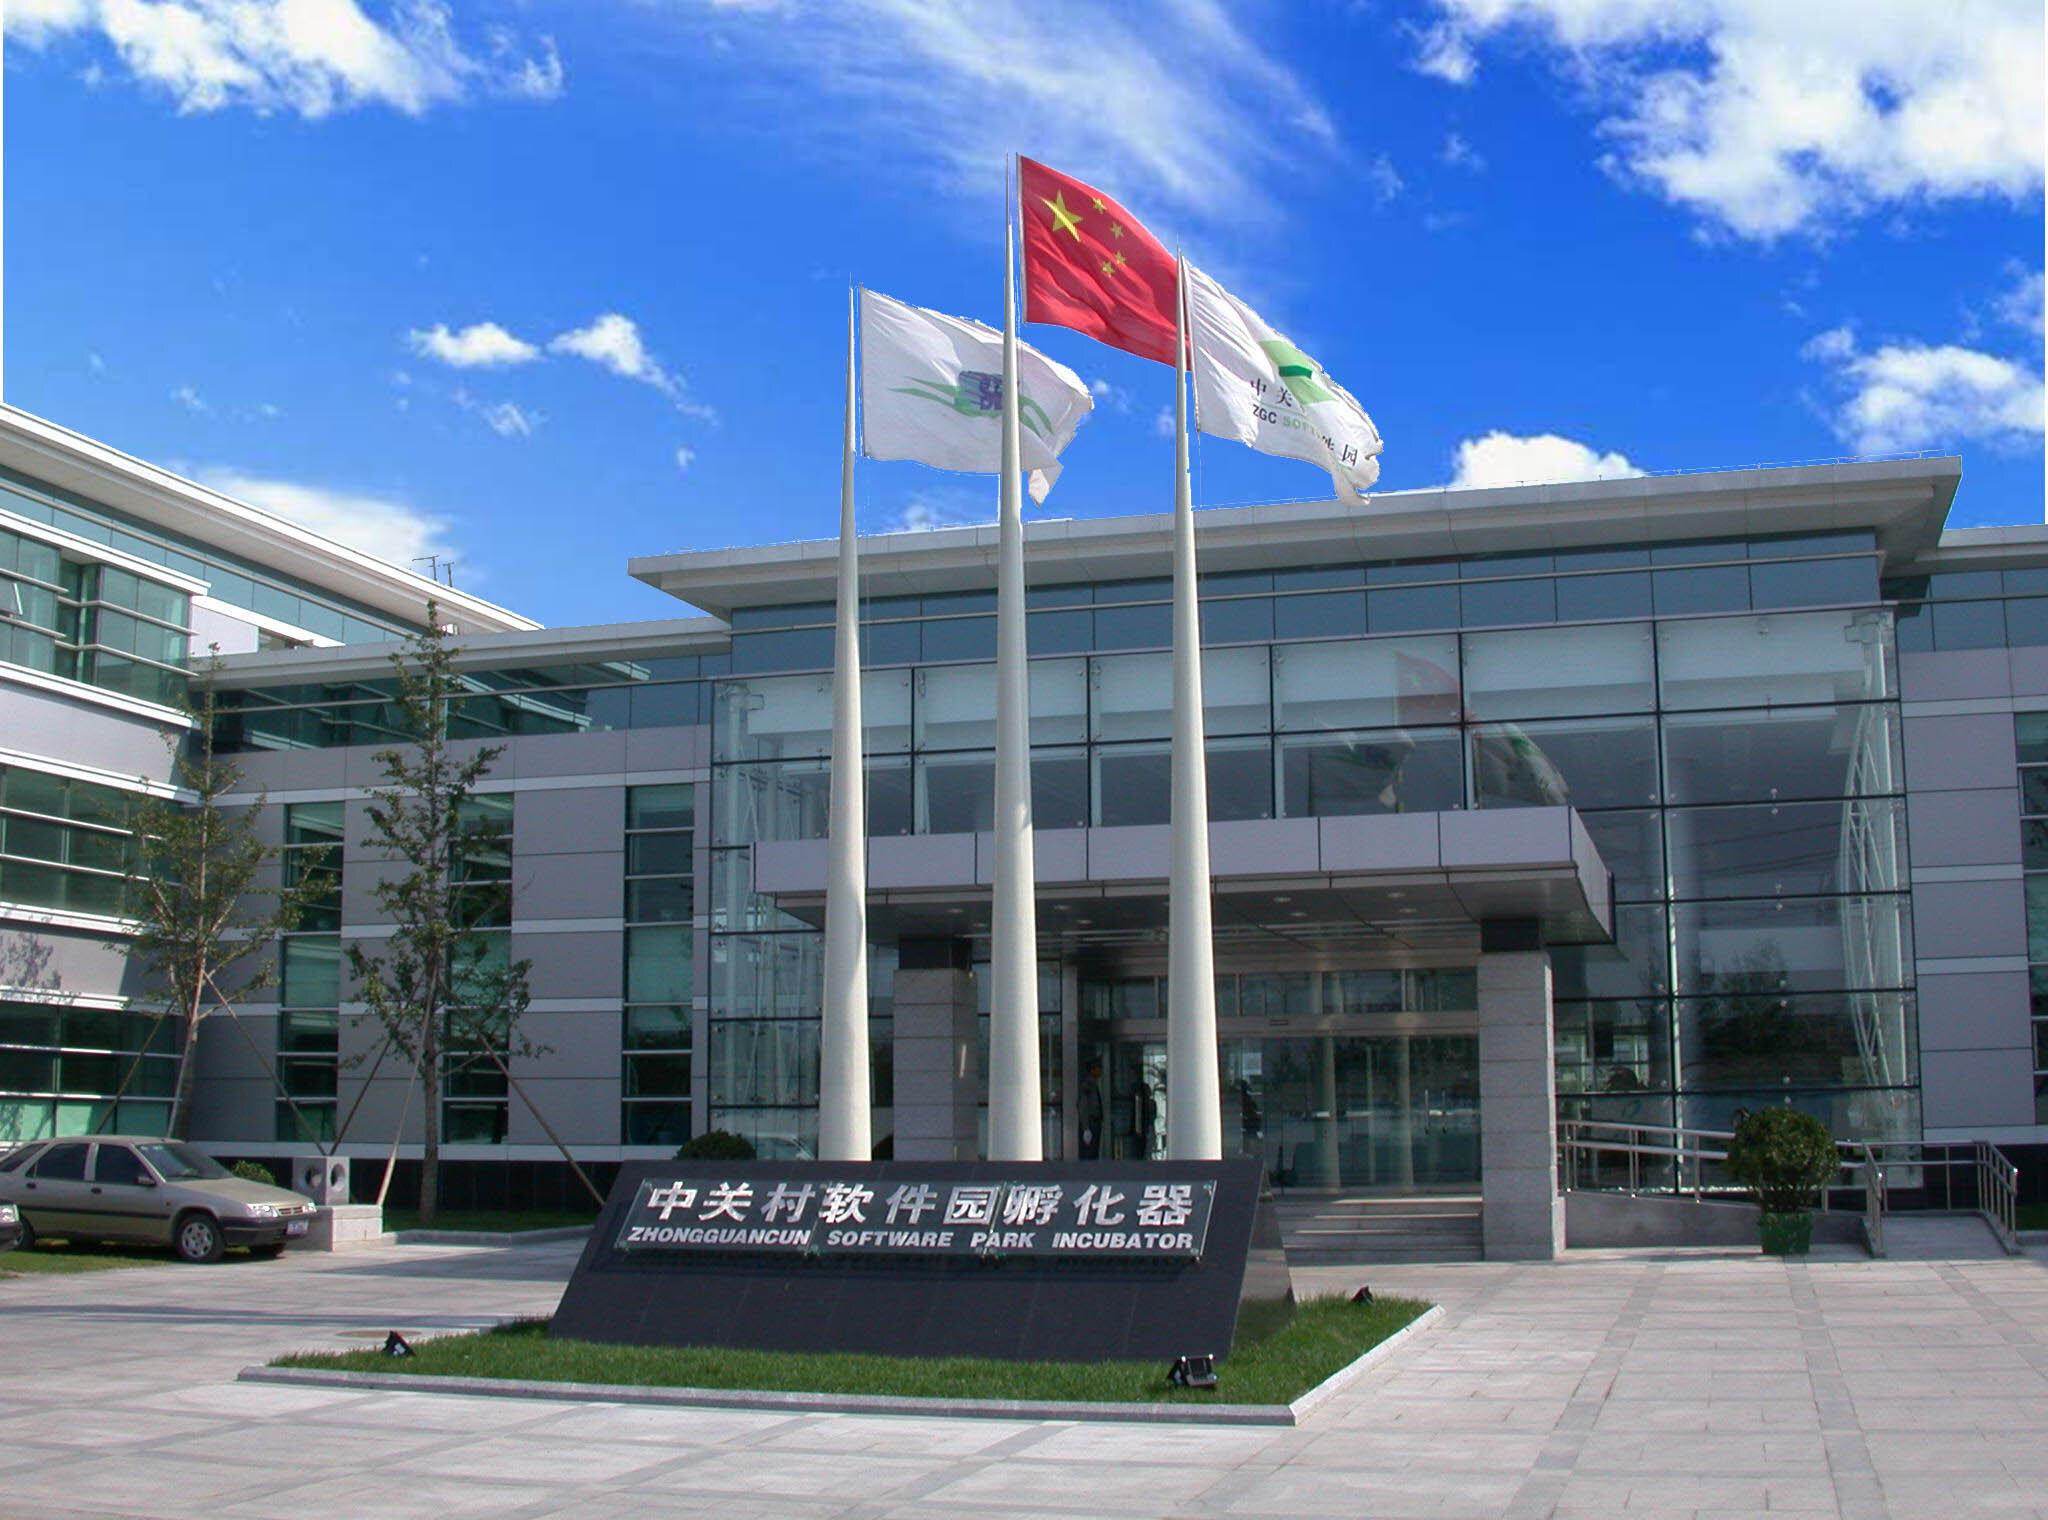 我在北京中关村小额贷款有限公司办理了三万贷款.传真